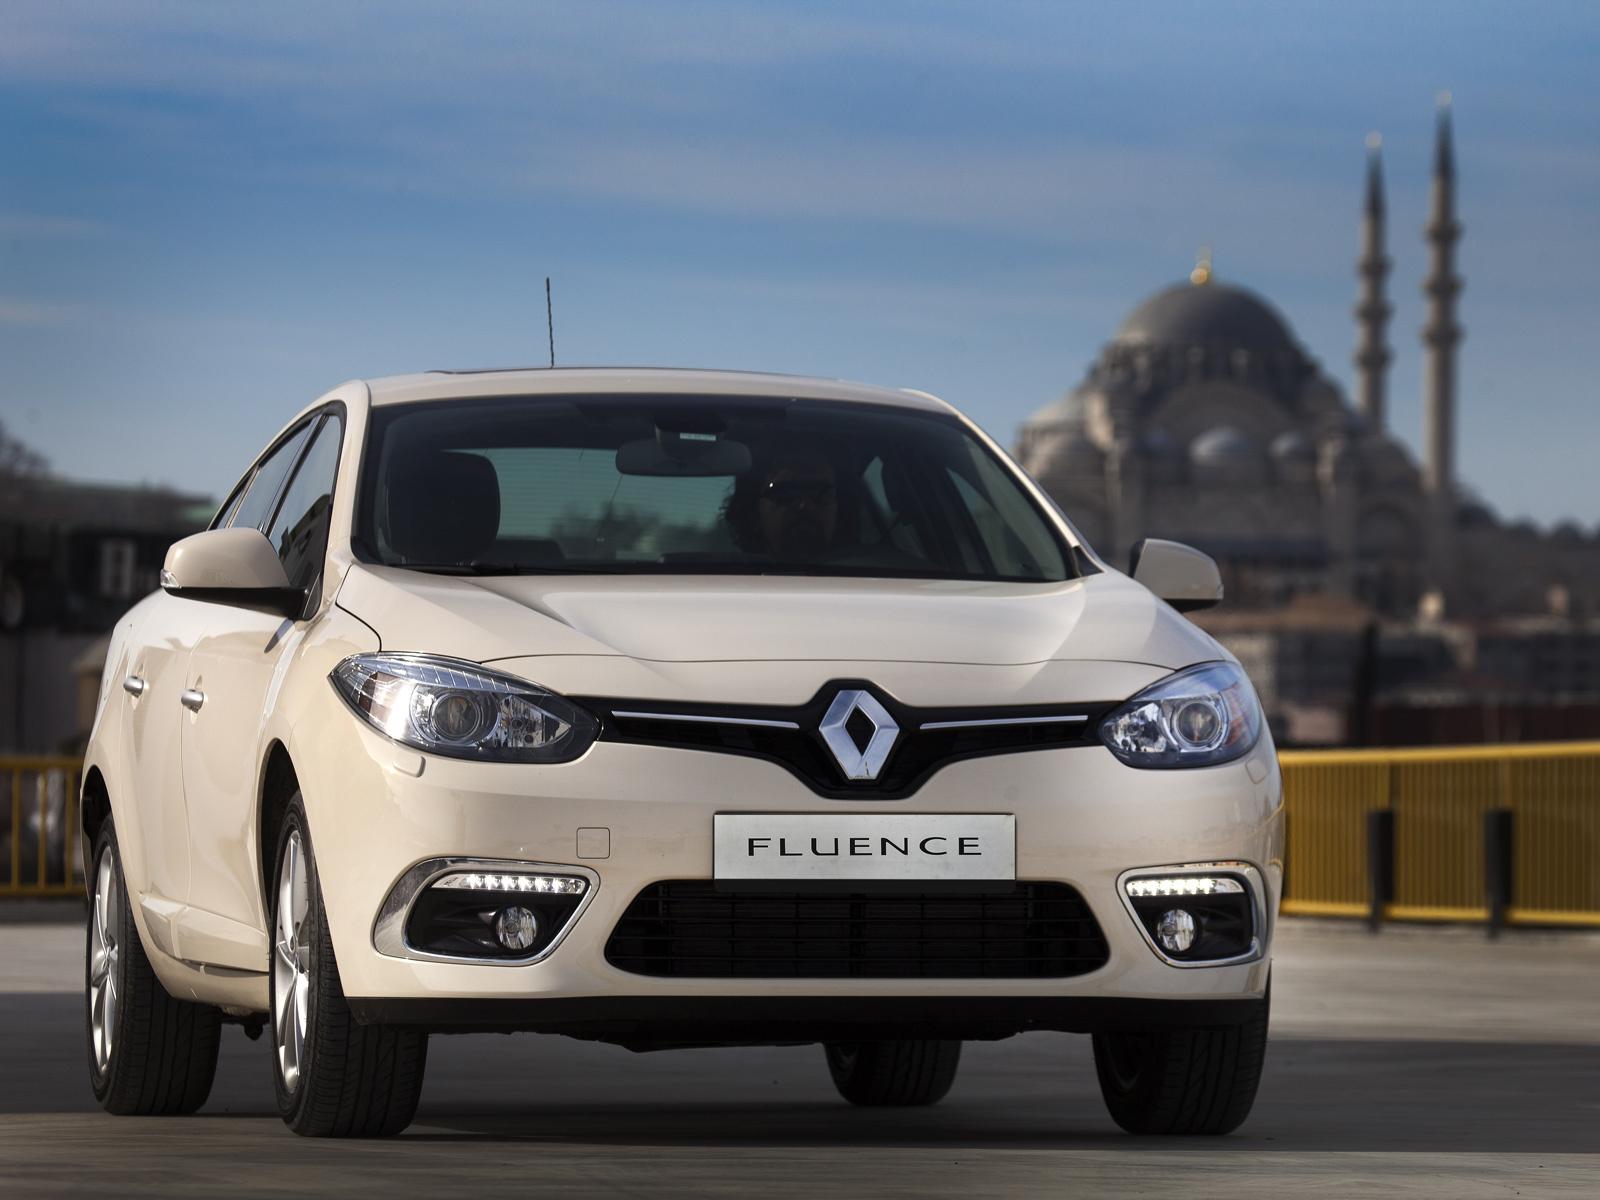 37727 Hintergrundbild herunterladen Transport, Auto, Renault - Bildschirmschoner und Bilder kostenlos